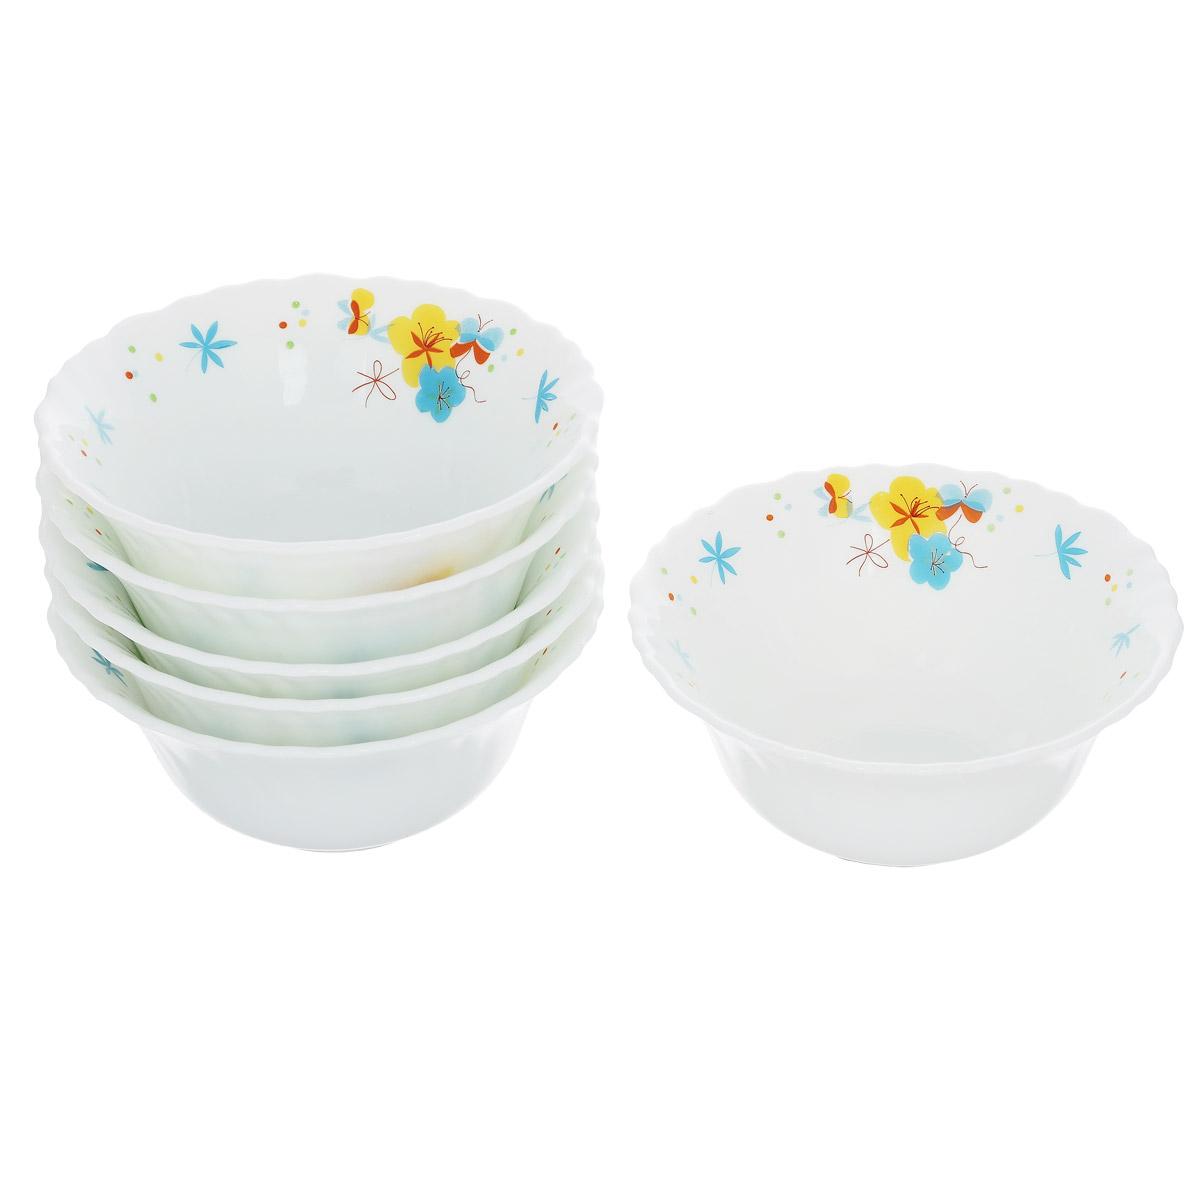 Набор салатников Цветочки, диаметр 13 см, 6 штLHW50/6-1102Набор салатников Цветочки, выполненный из стекла, будет уместен на любой кухне и понравится каждой хозяйке. В набор входят шесть салатников, украшенных принтом в виде цветов и бабочек и фигурными краями. Они сочетают в себе изысканный дизайн с максимальной функциональностью. Такой набор салатников придется по вкусу и ценителям классики, и тем, кто предпочитает утонченность и изящность.